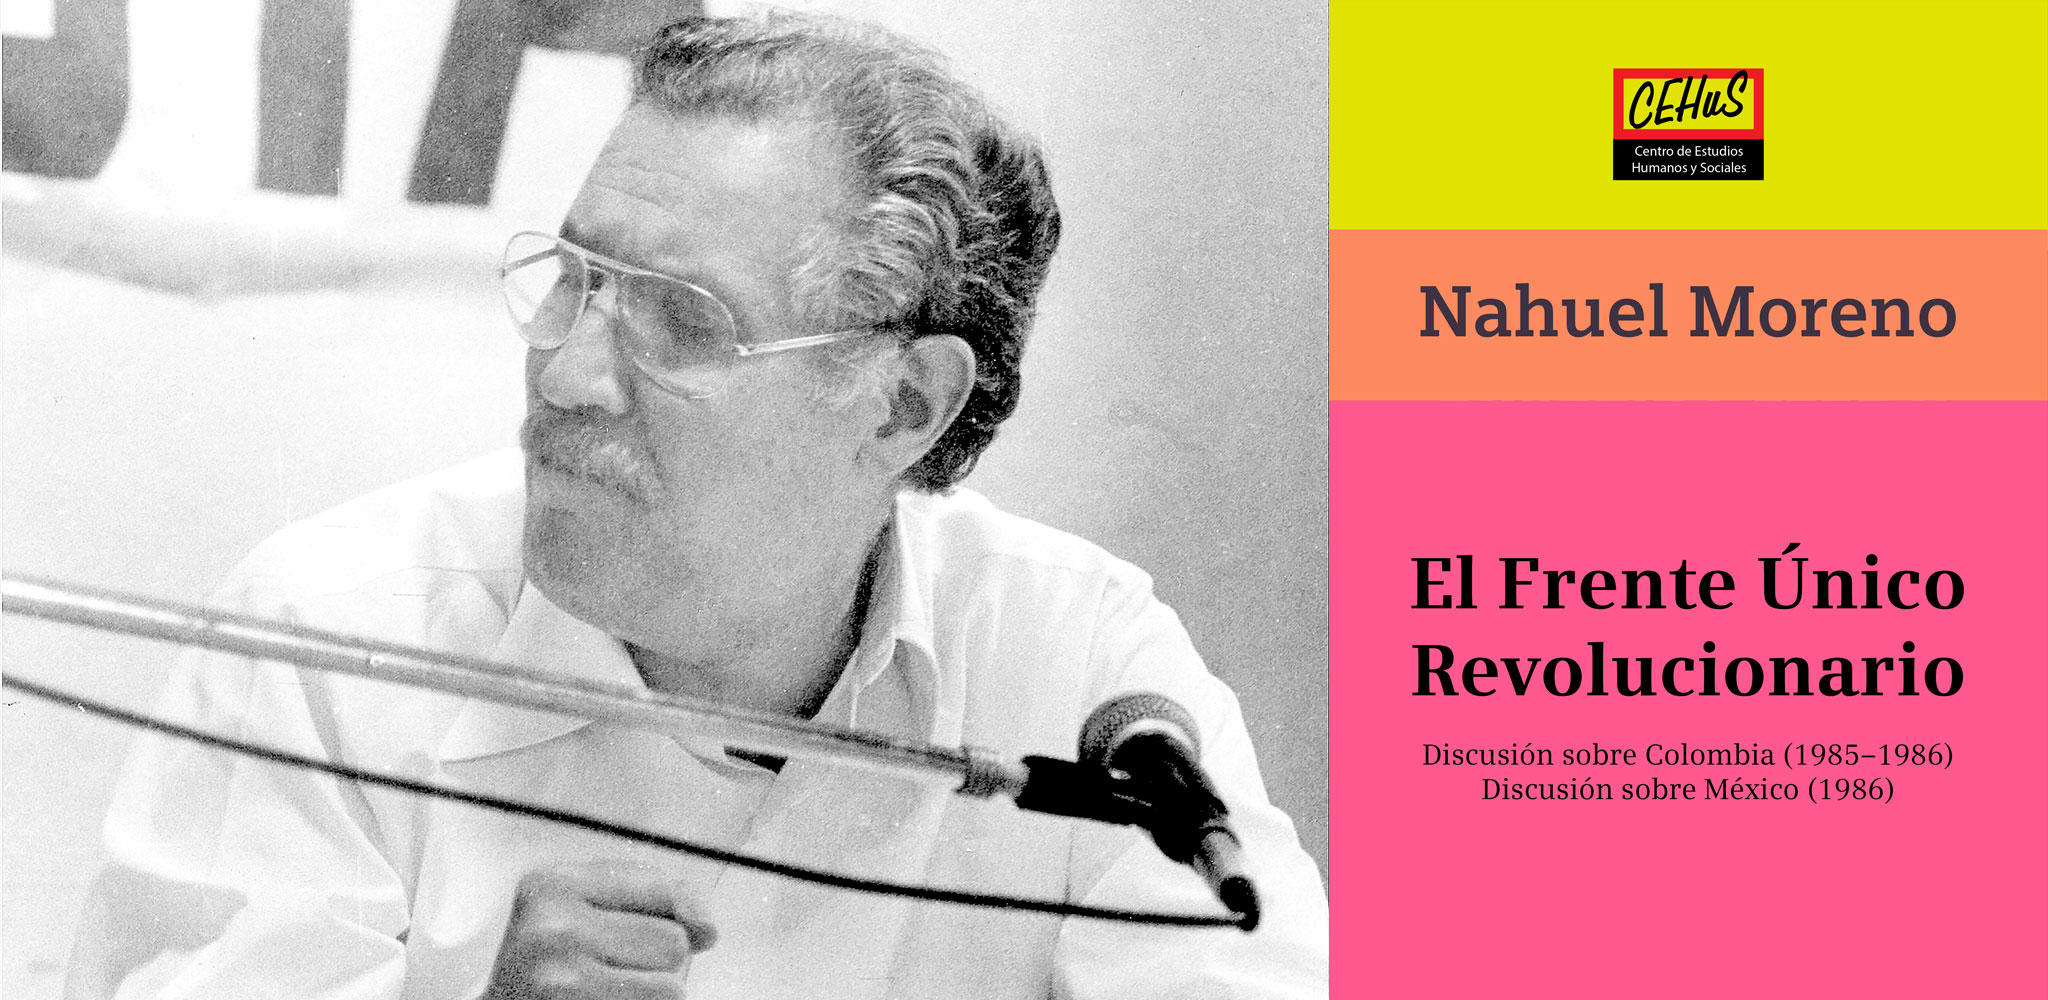 EL FRENTE ÚNICO REVOLUCIONARIO (1985-1986)